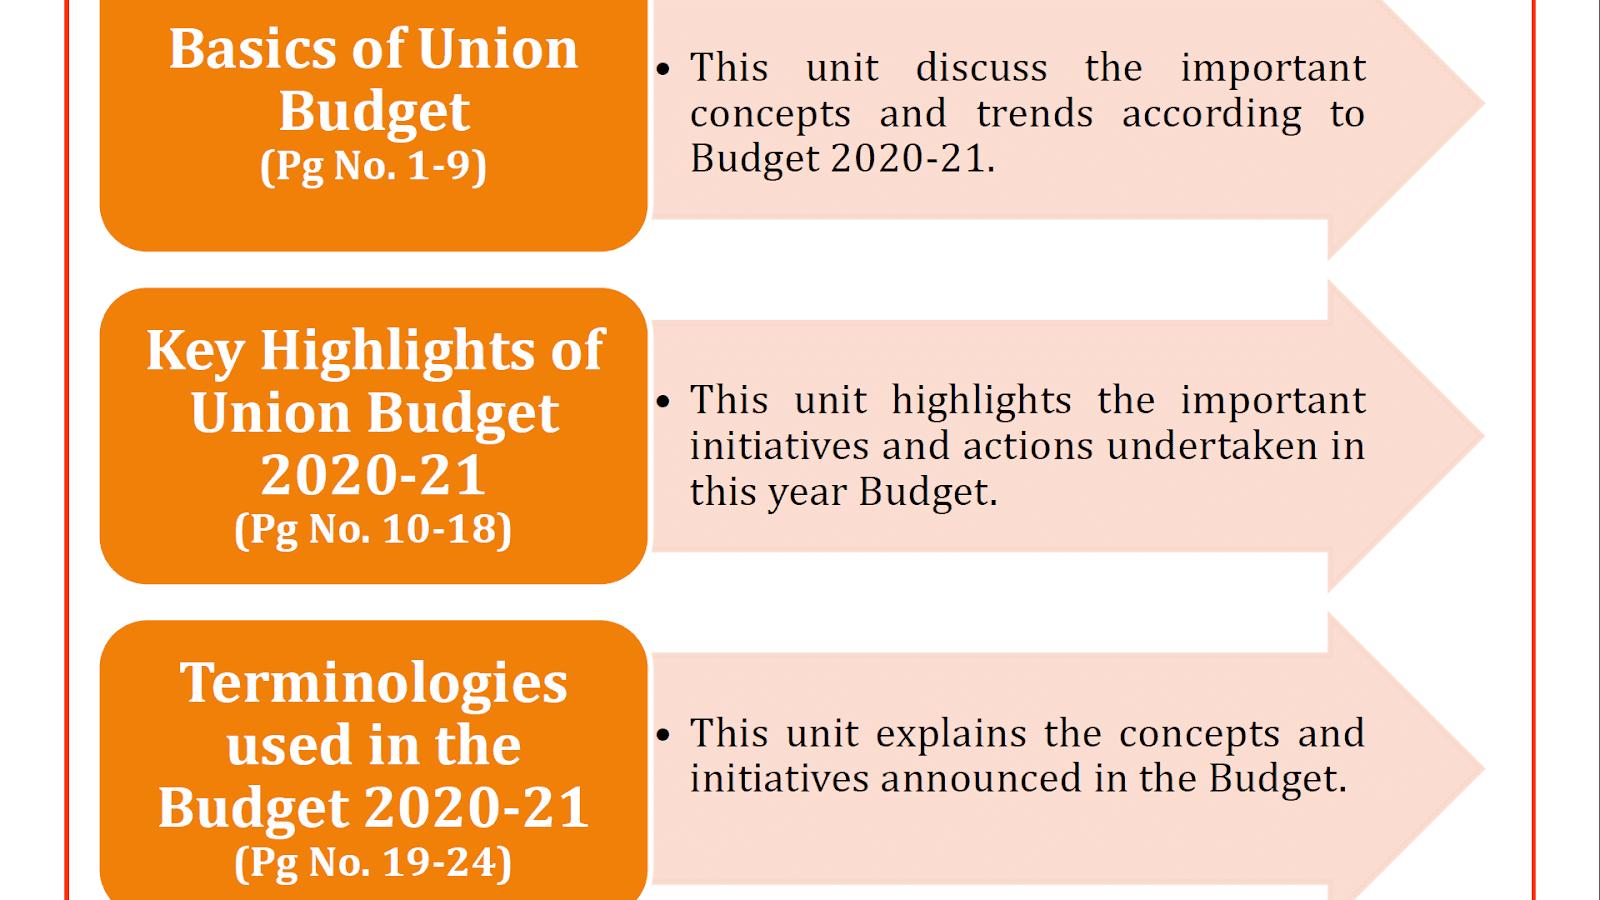 Budget 2020-21 UPSC CSE Material